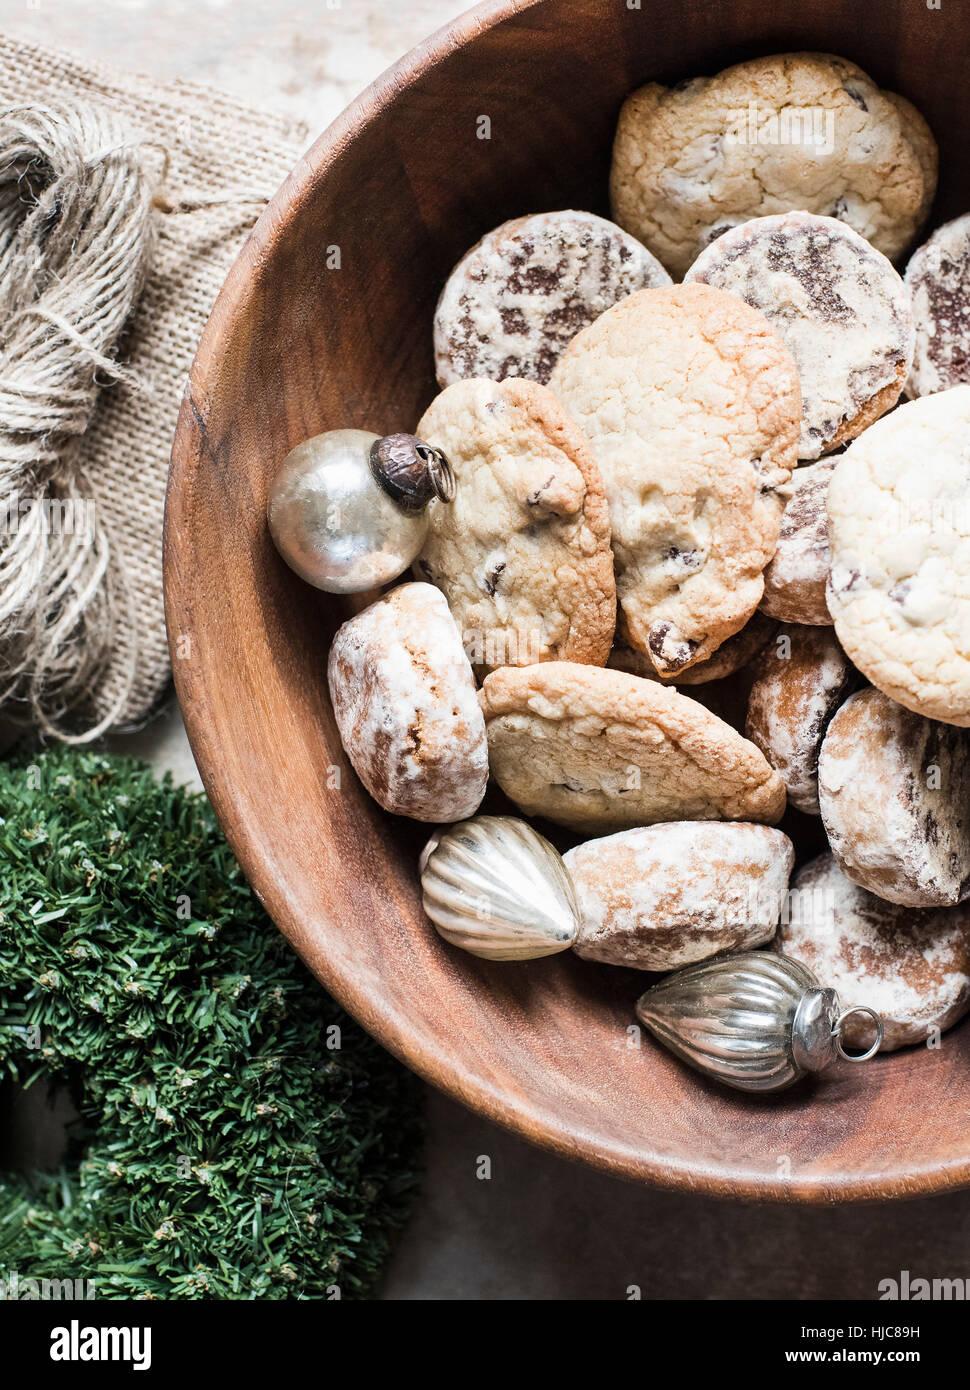 Vista aérea de plata bolas de Navidad y galletas recién horneadas en un tazón Imagen De Stock